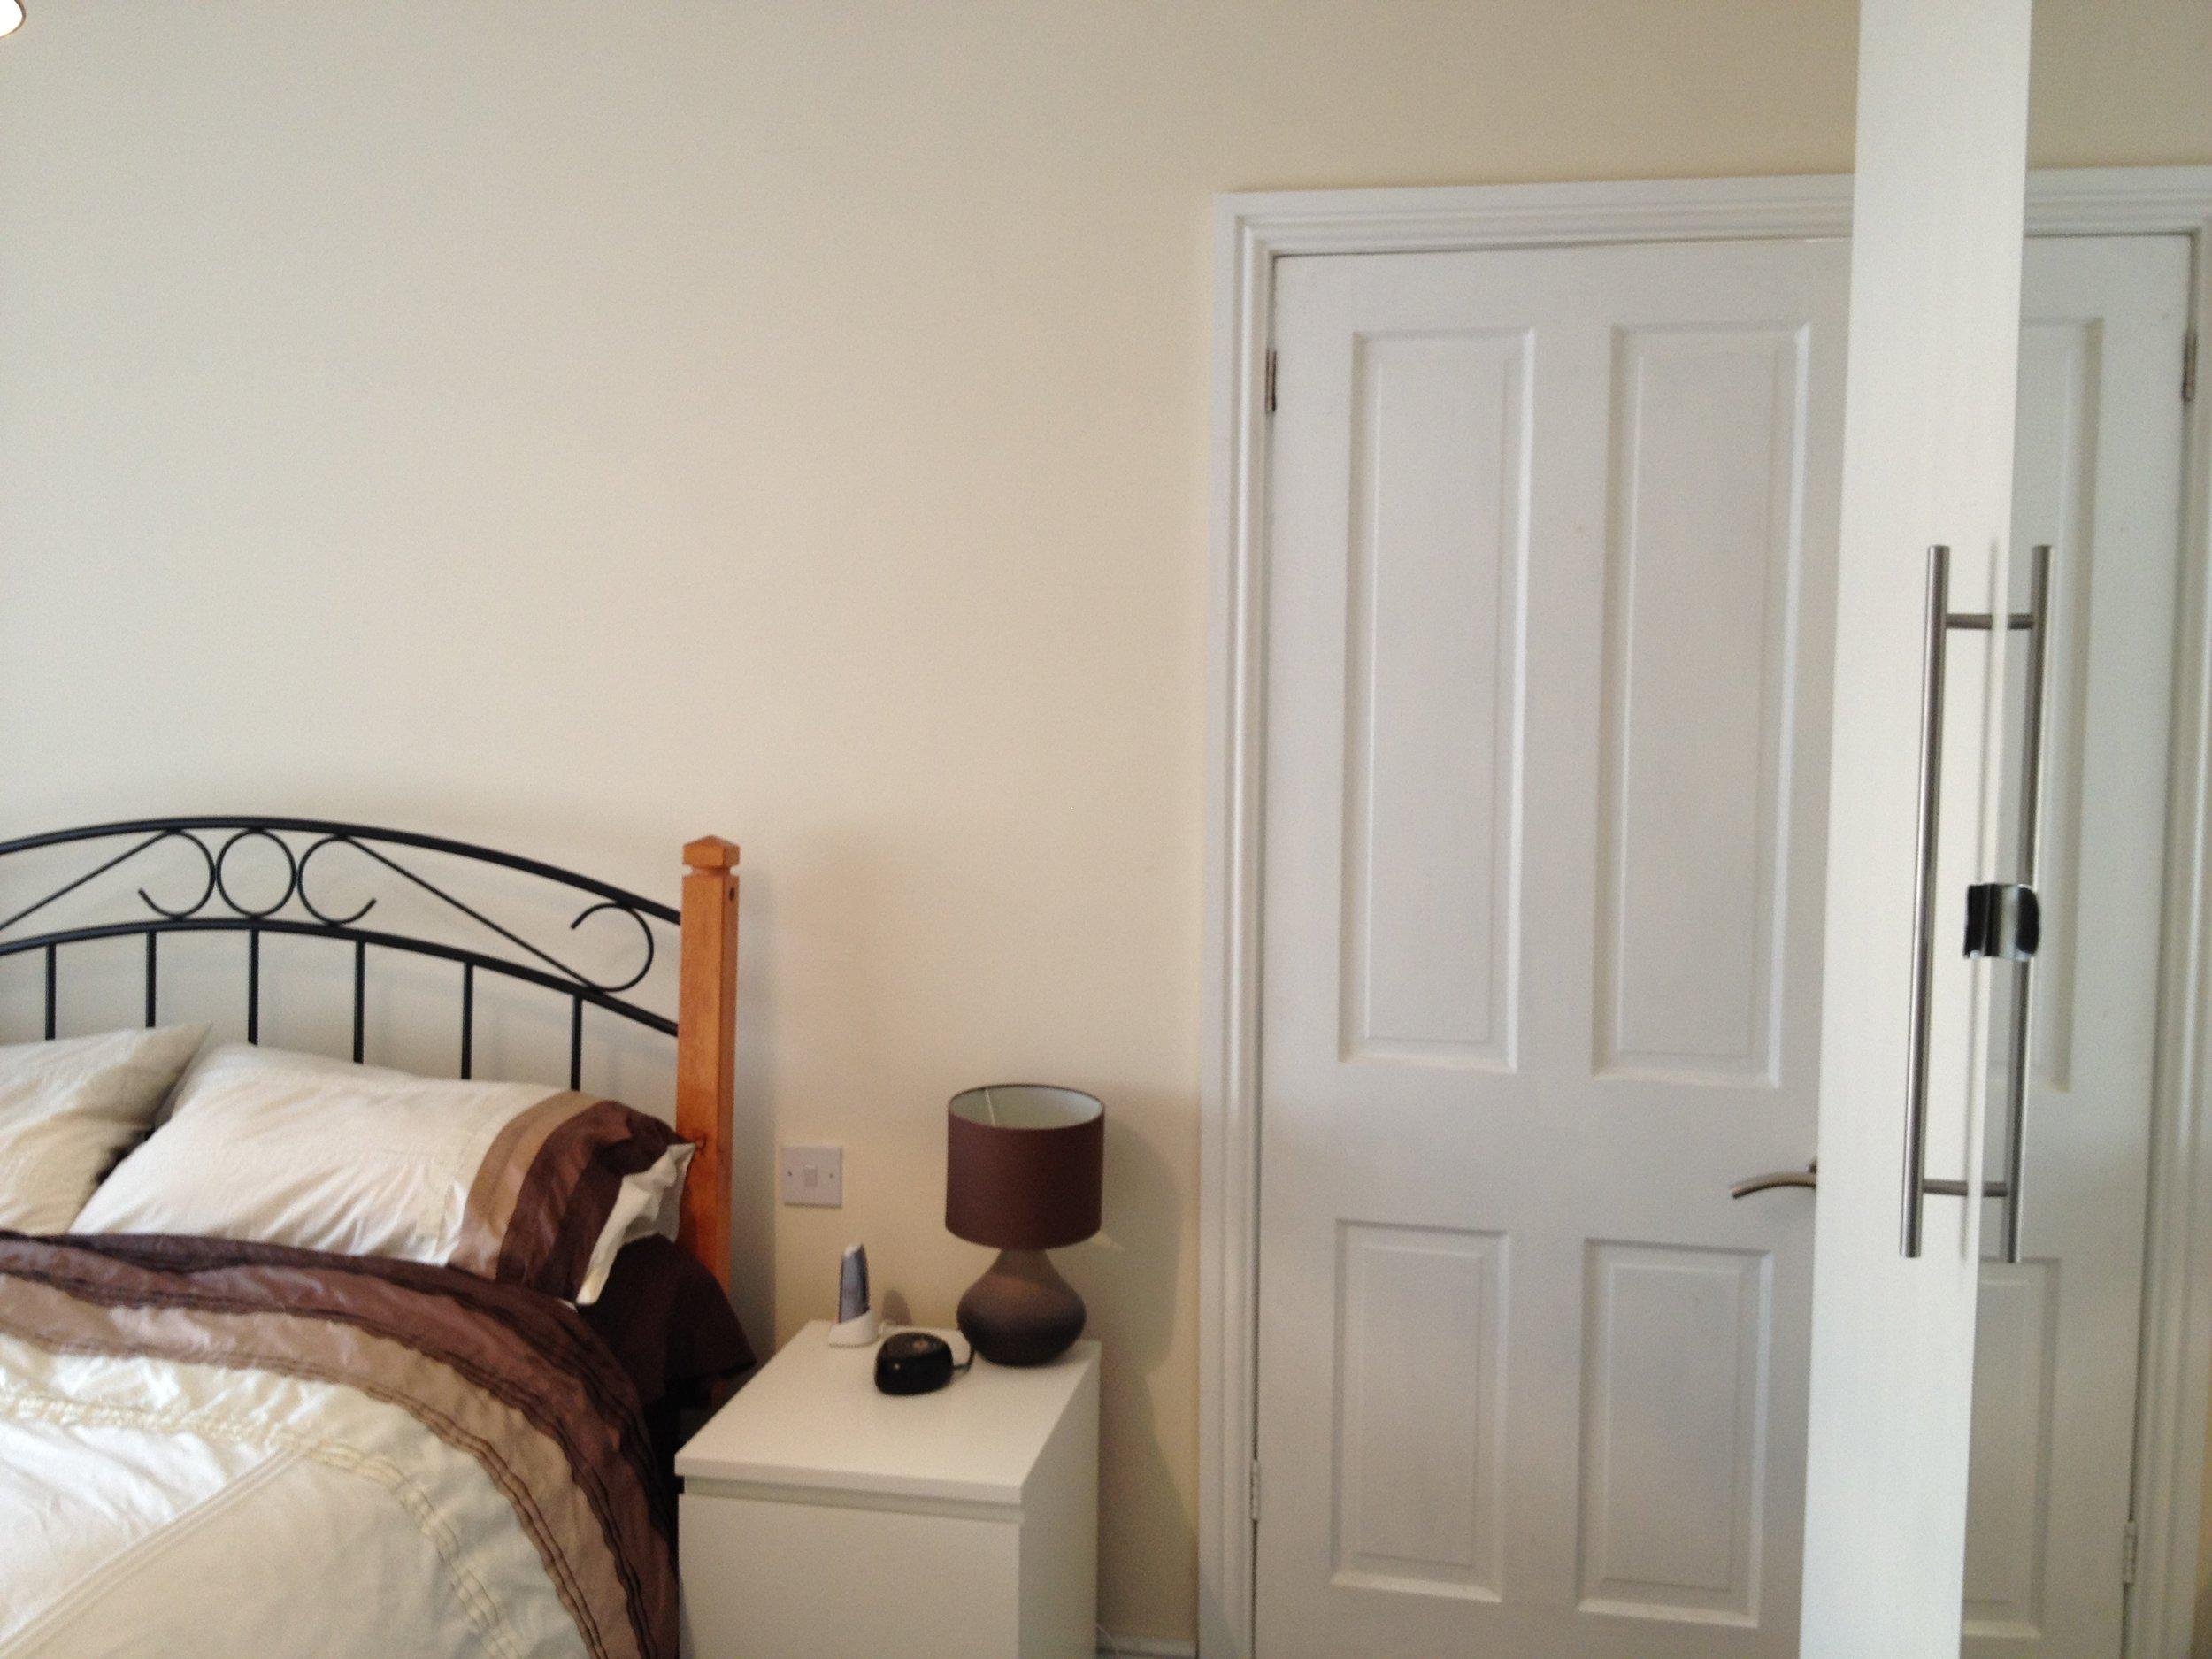 Over-skimmed plastered bedroom walls